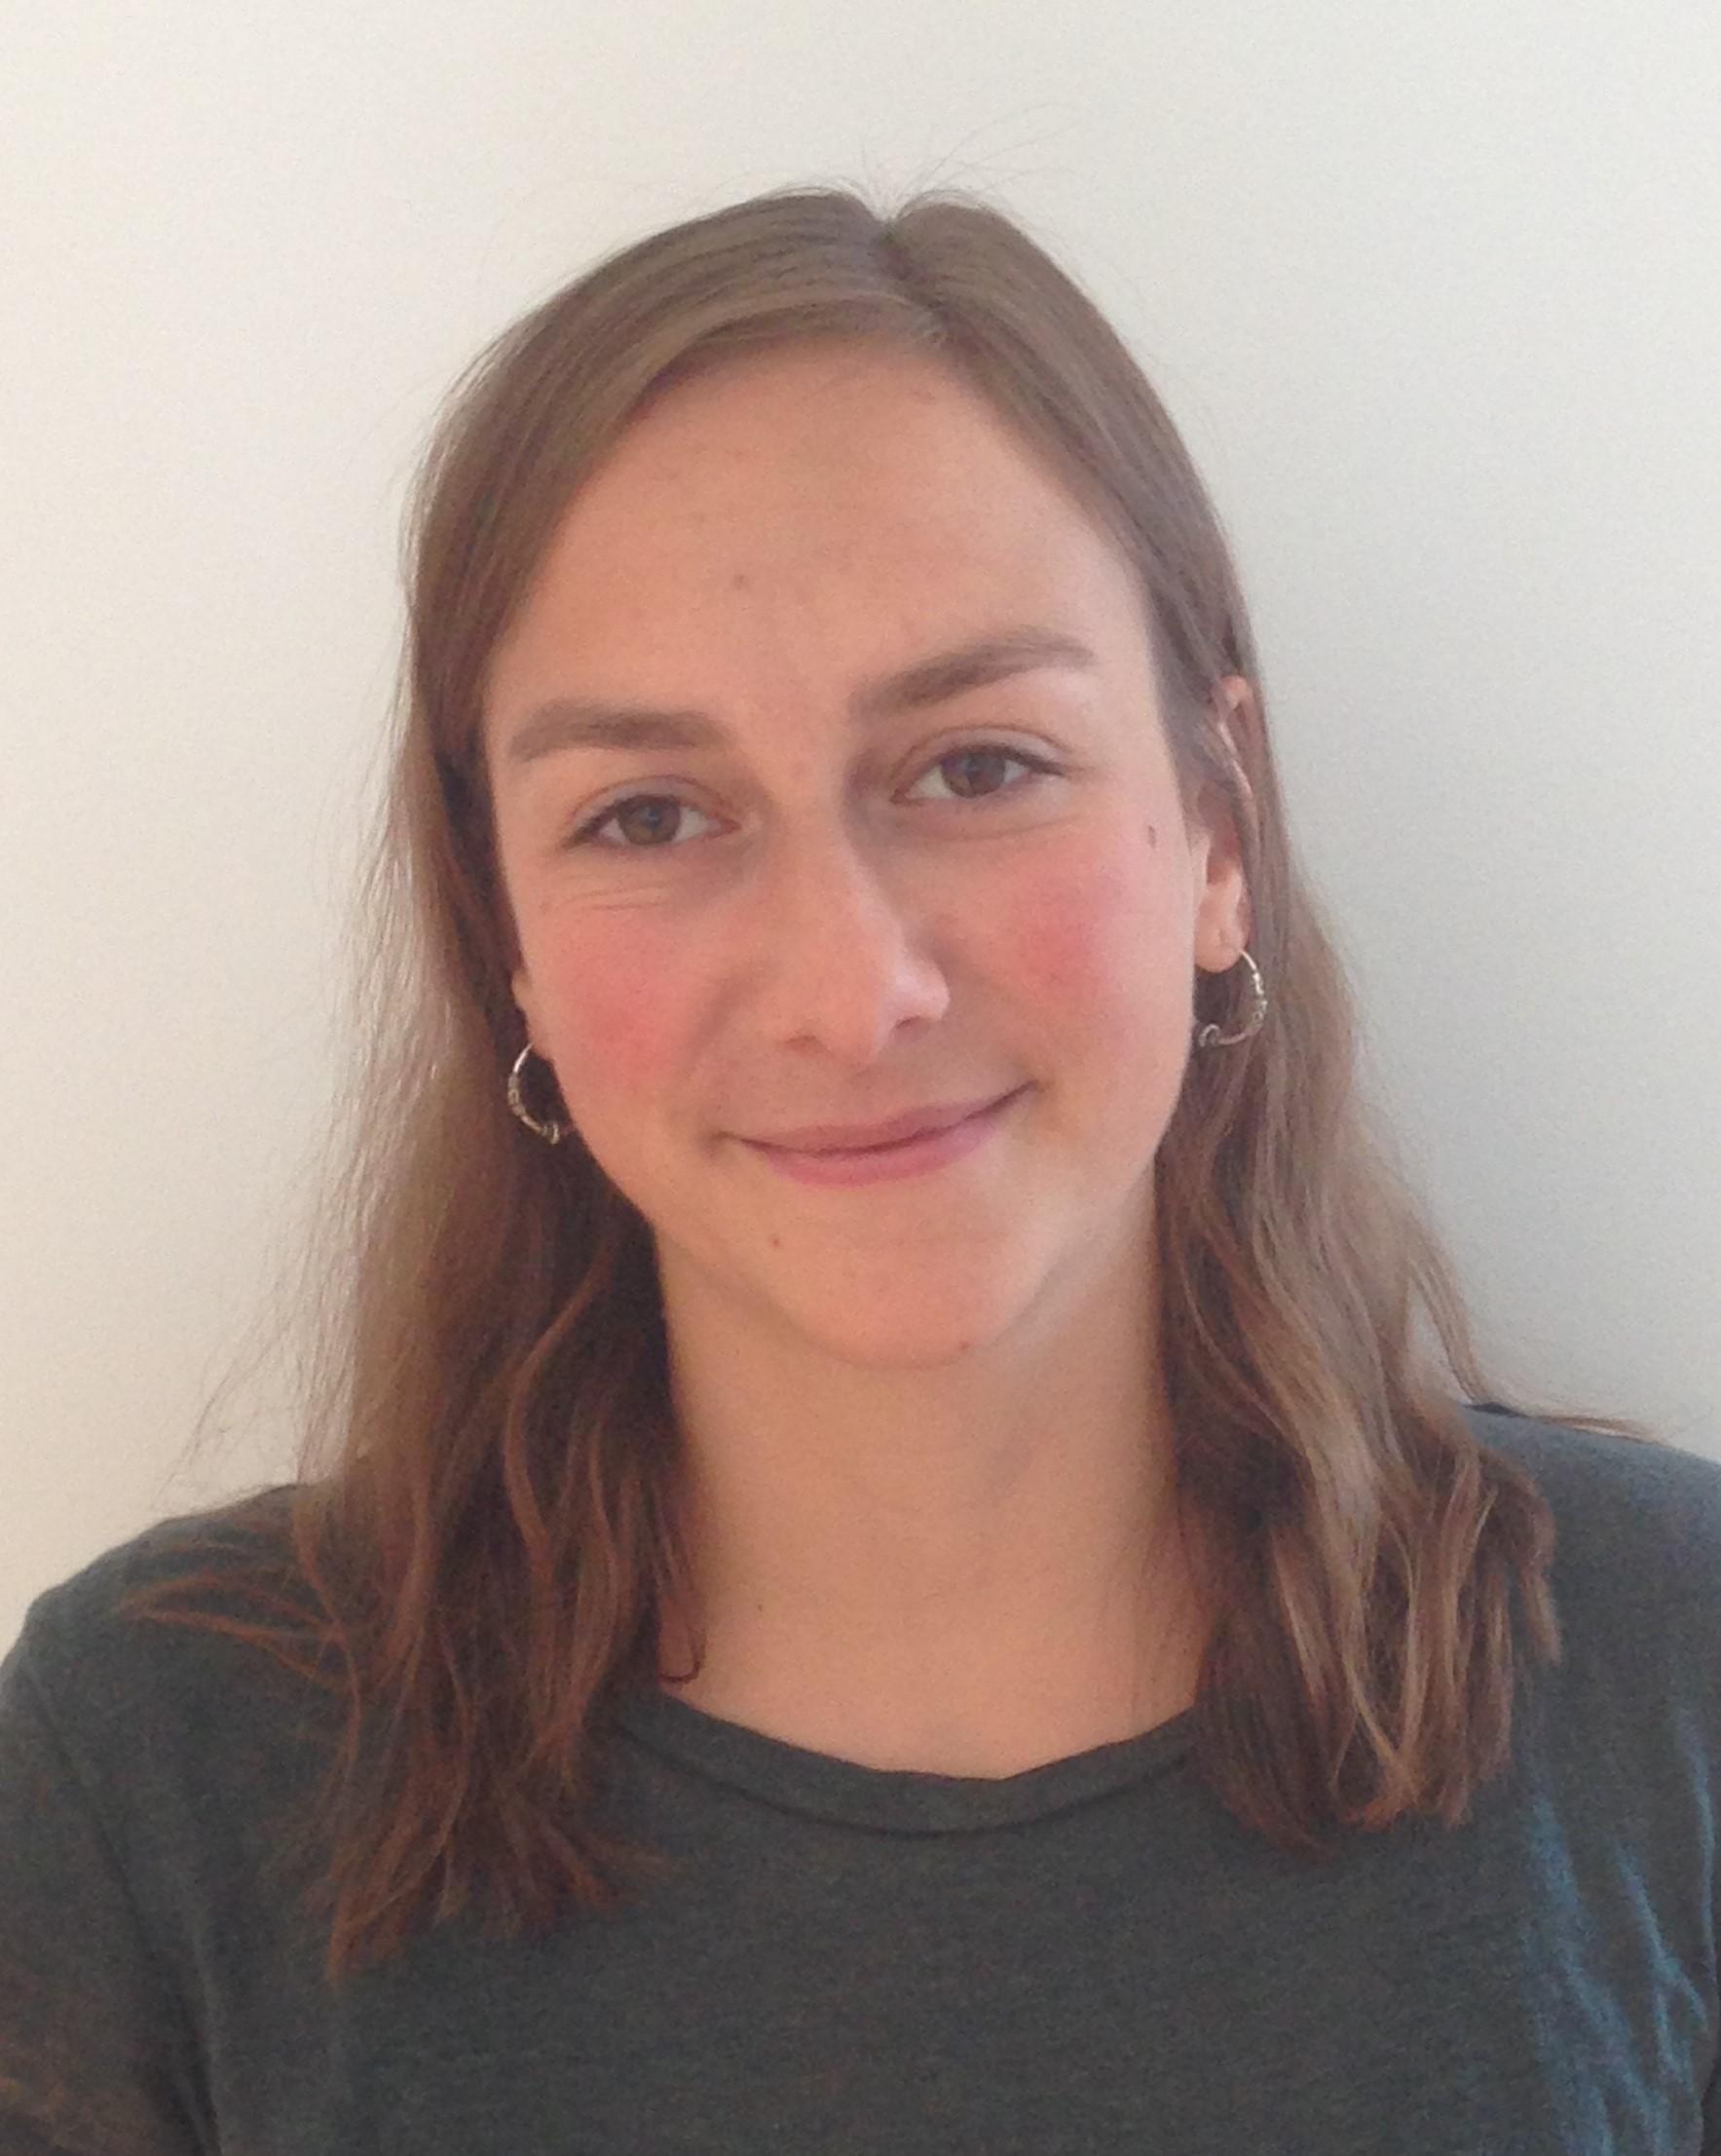 B.A. Judith Neuenschwander